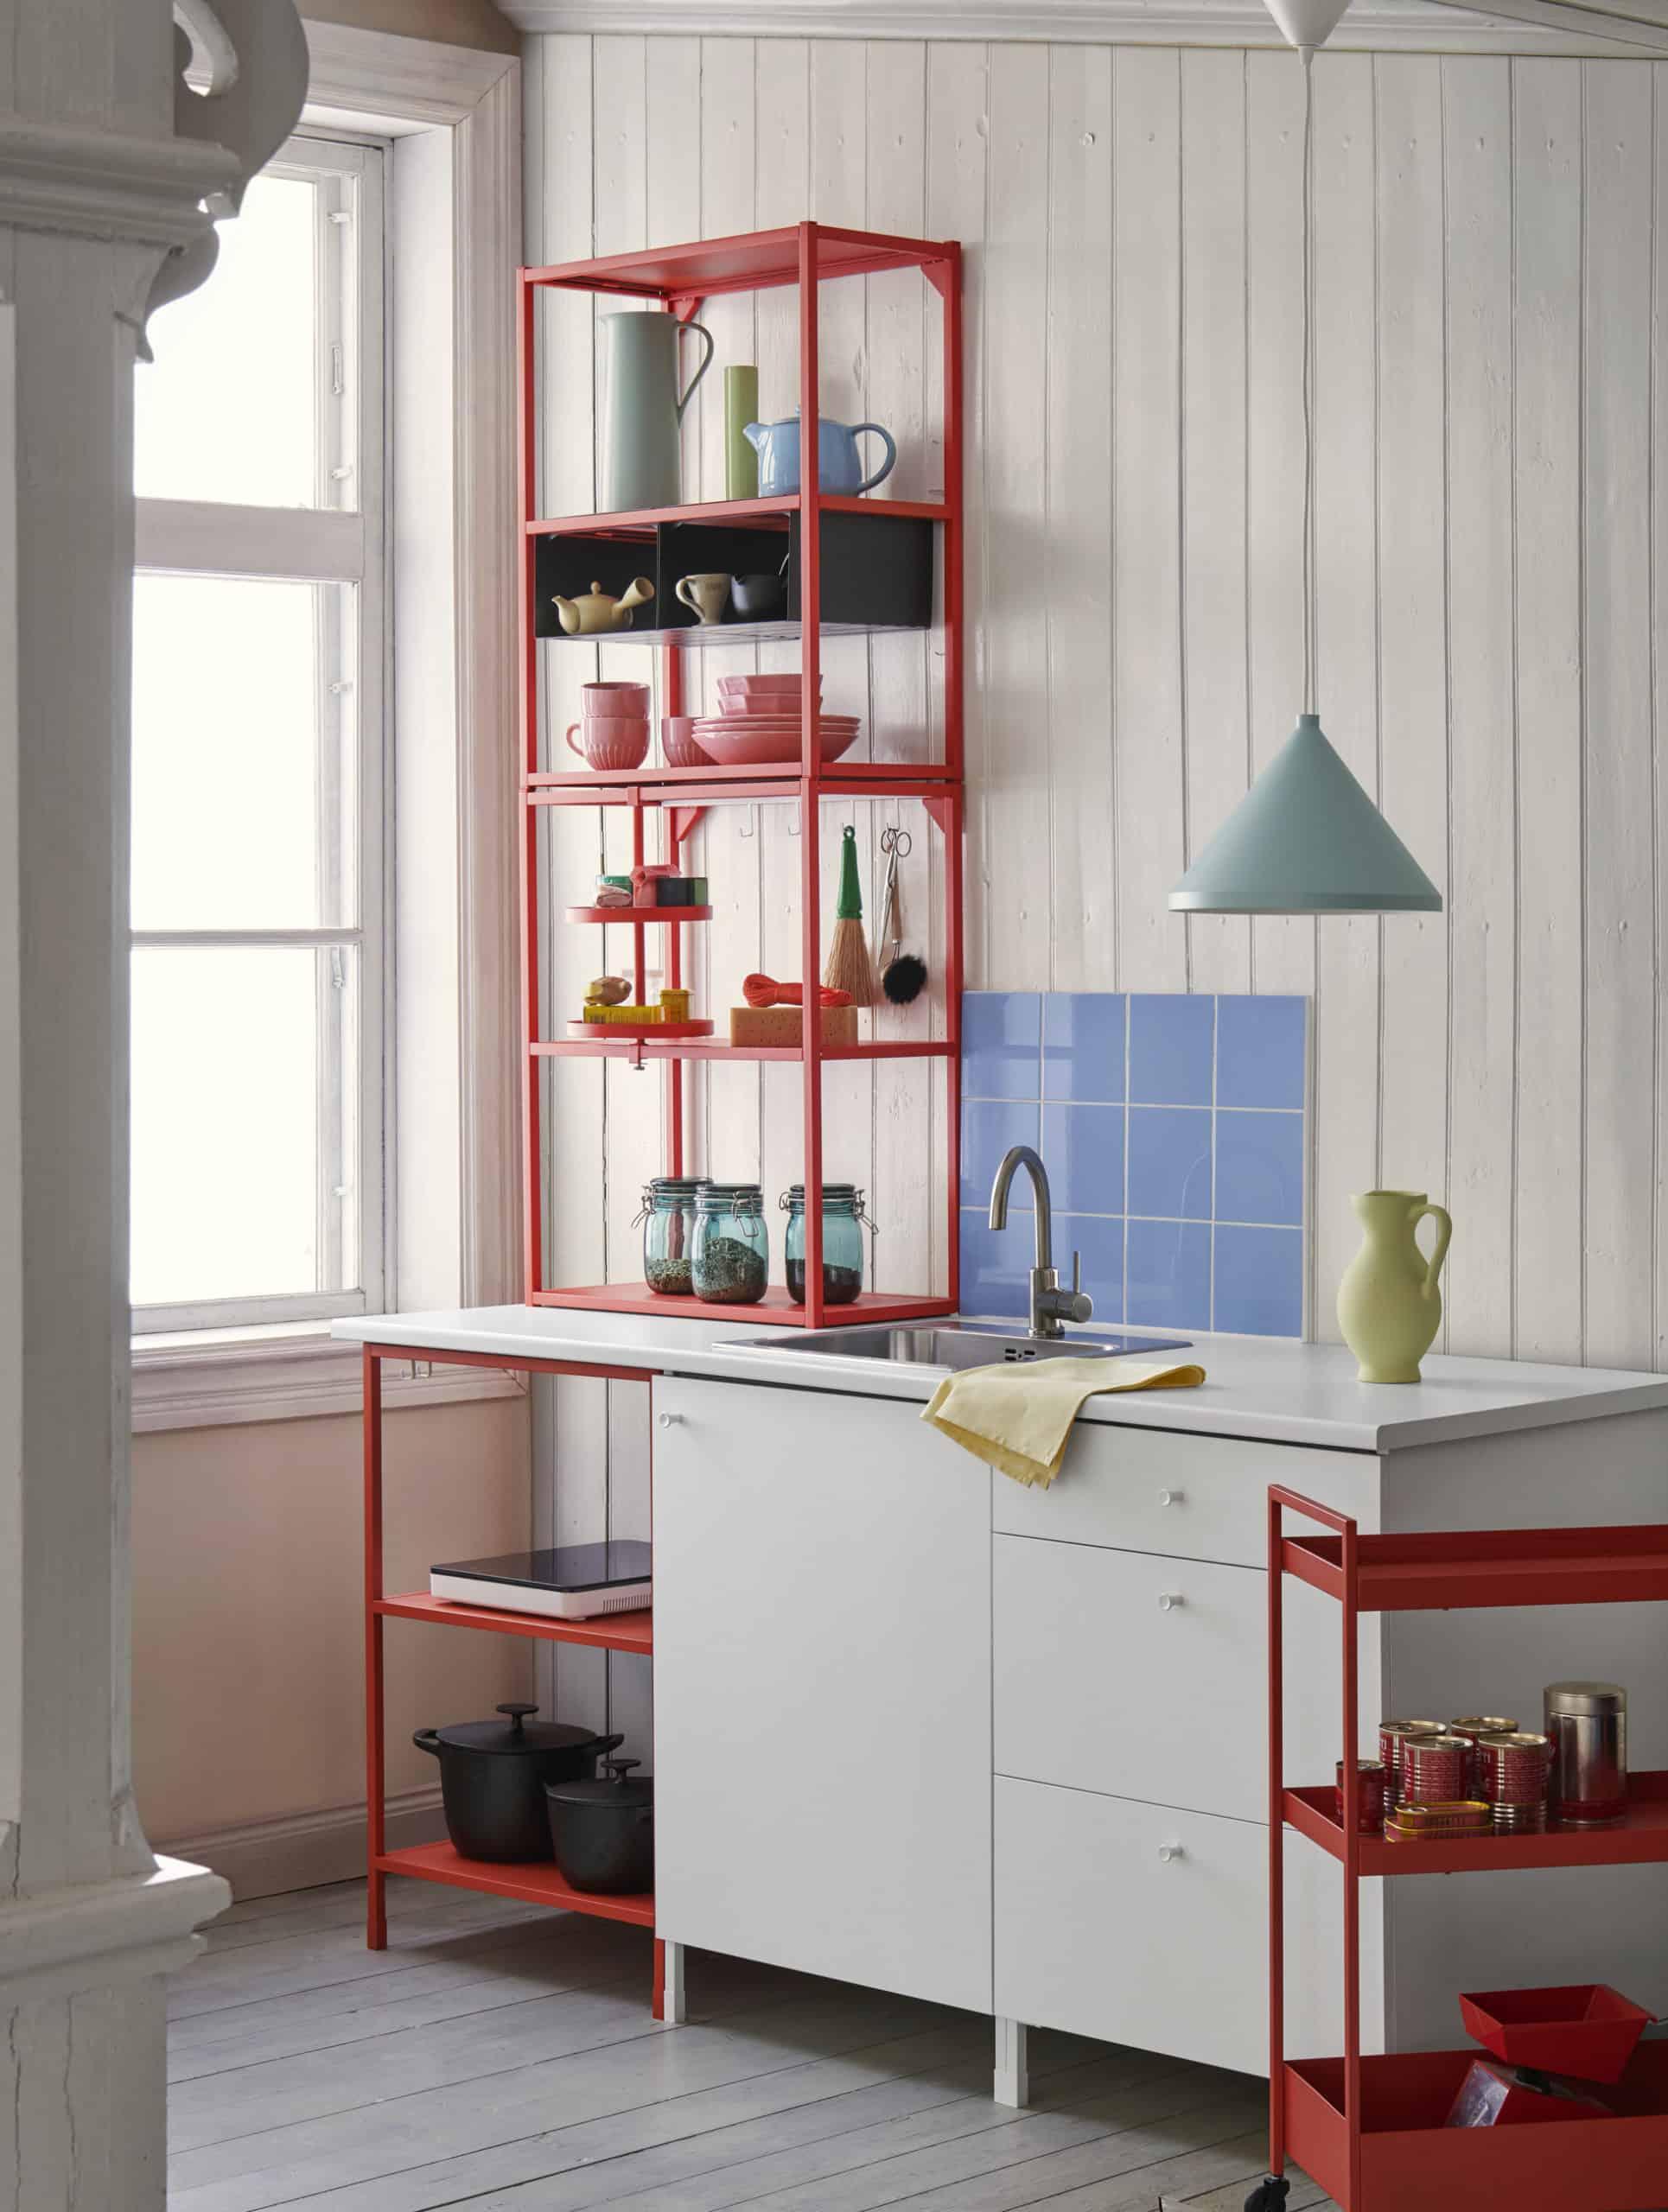 IKEA_ENHET_PH170378